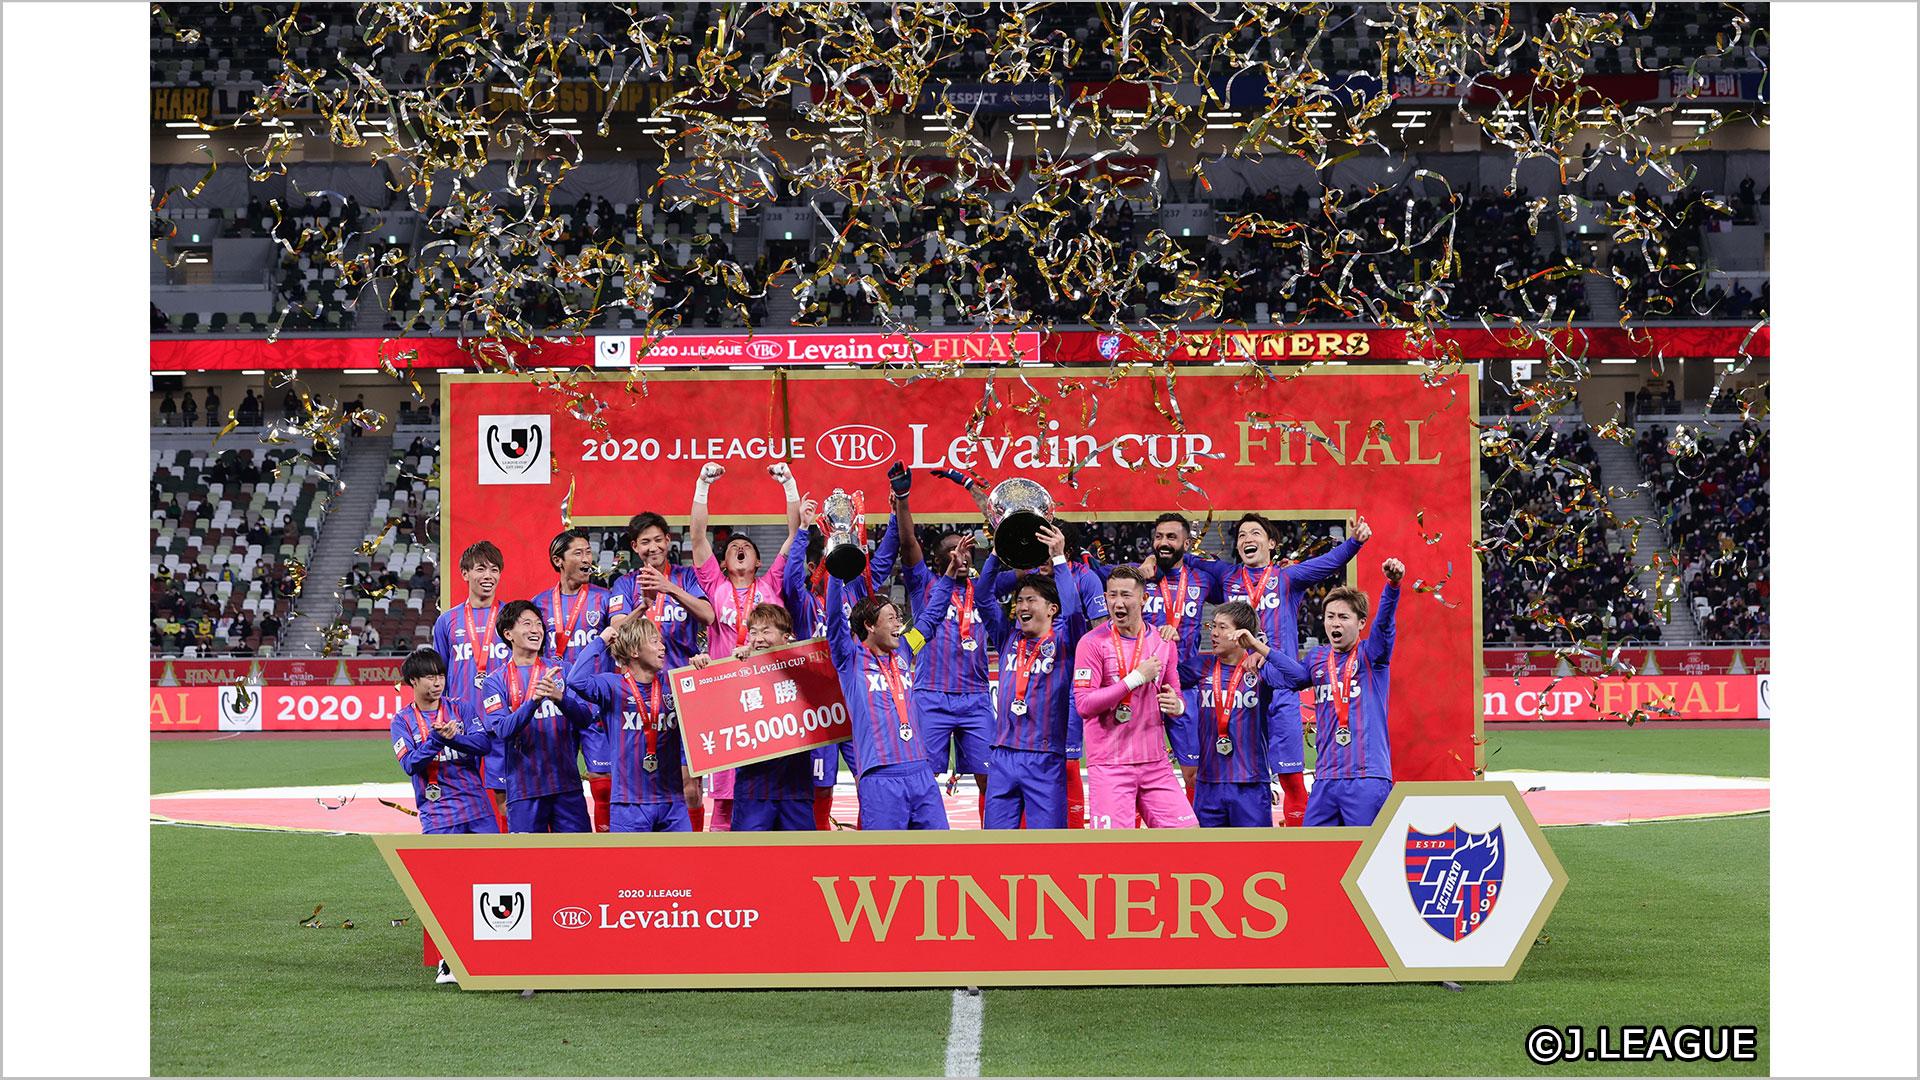 2021 JリーグYBCルヴァンカップ FC東京 vs 徳島ヴォルティス